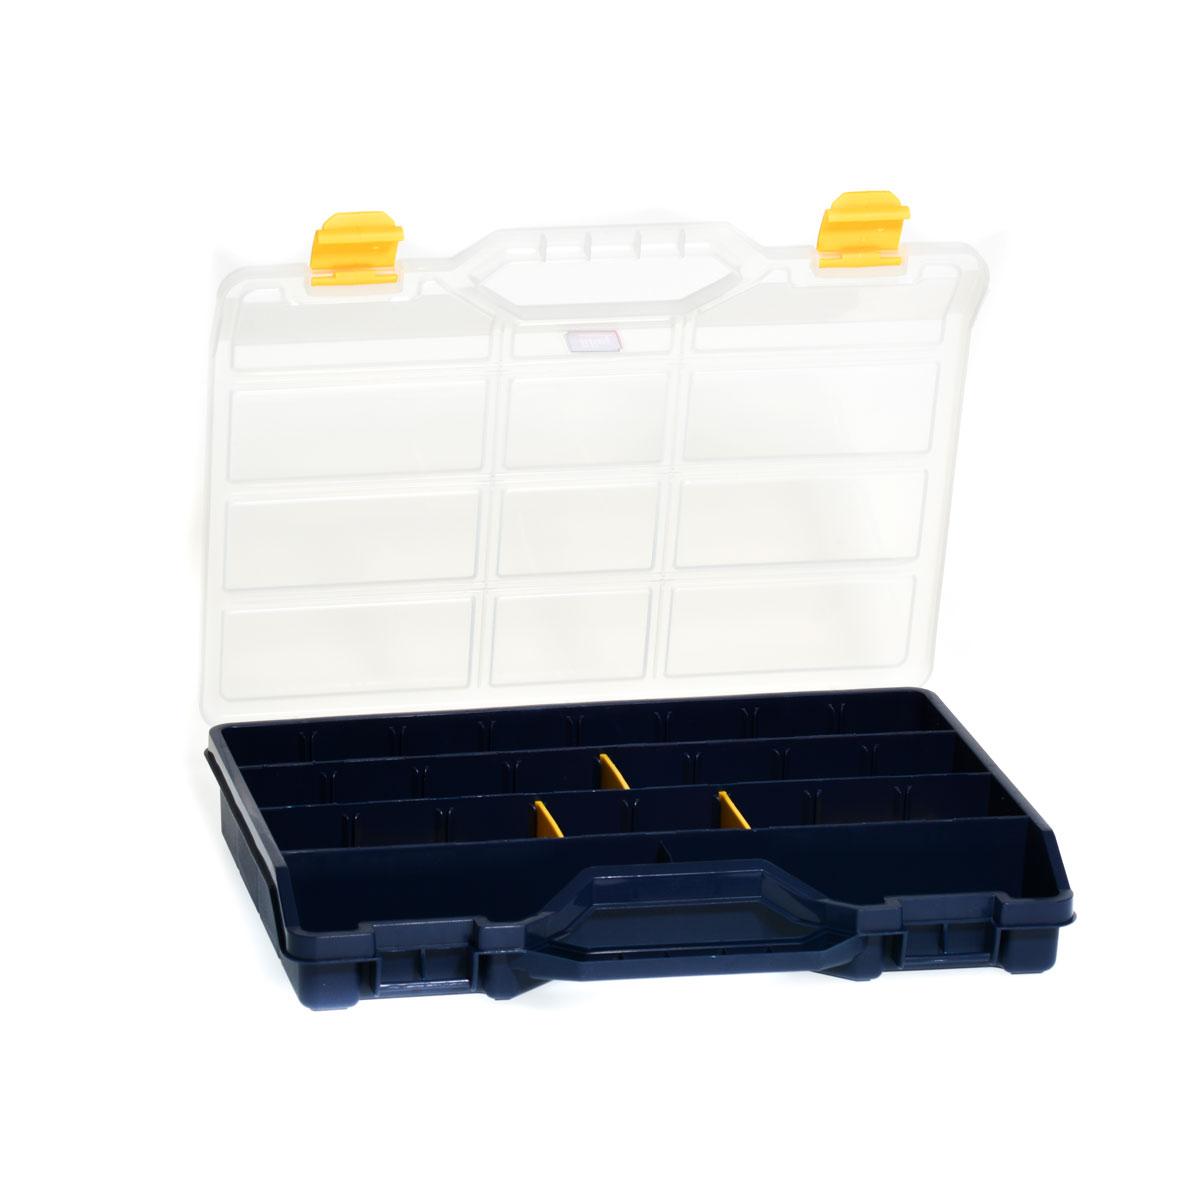 جعبه ابزار الکتریکی تایگ مدل۲۶-۴۶ (۵)